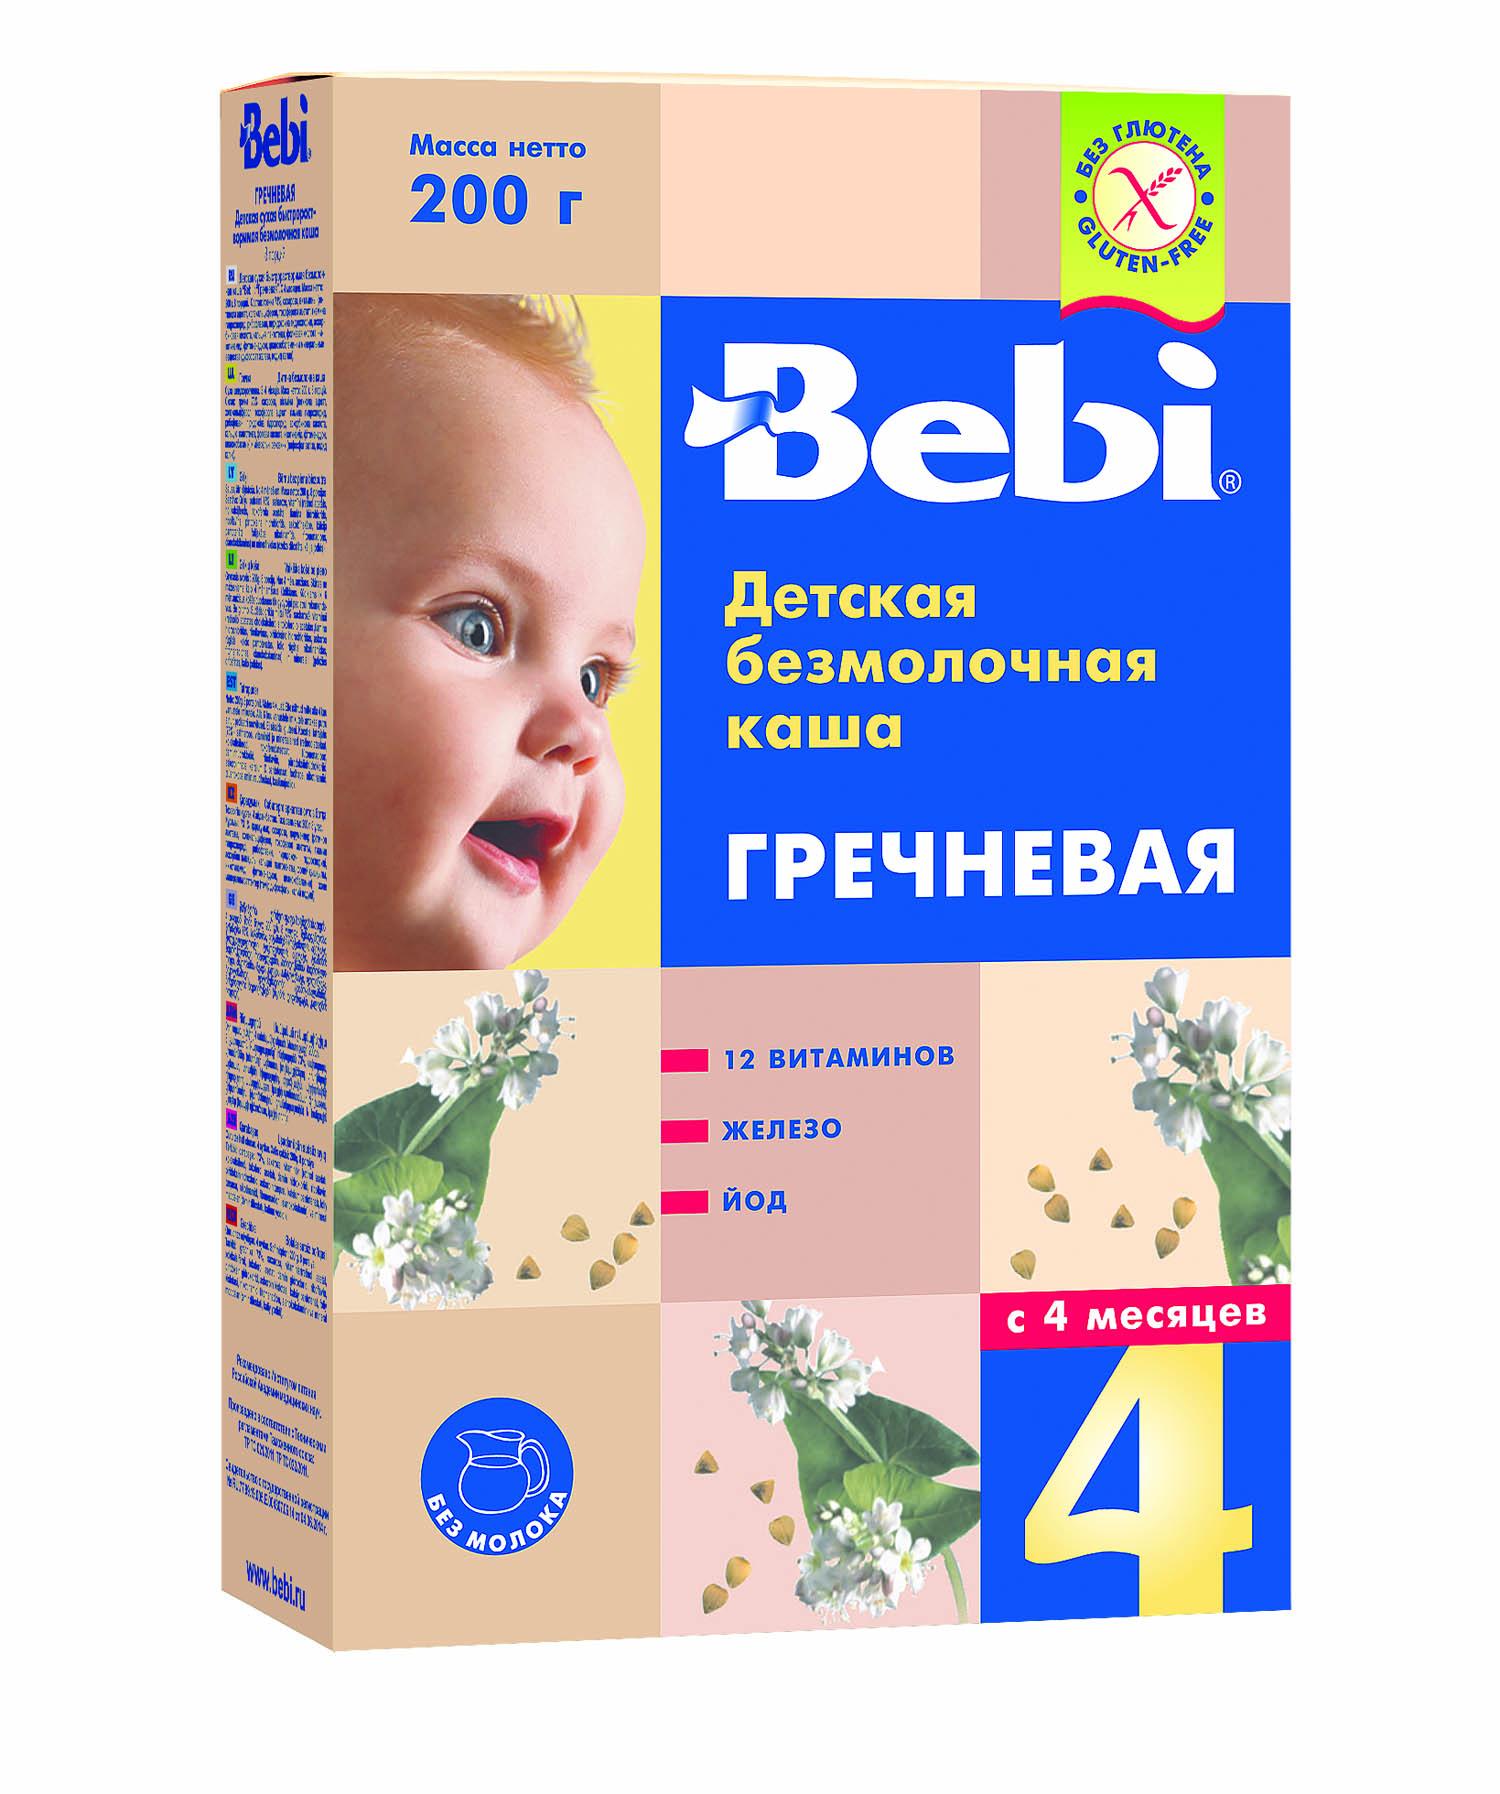 Купить Детская каша Bebi безмолочная гречневая, 200гр, Словения